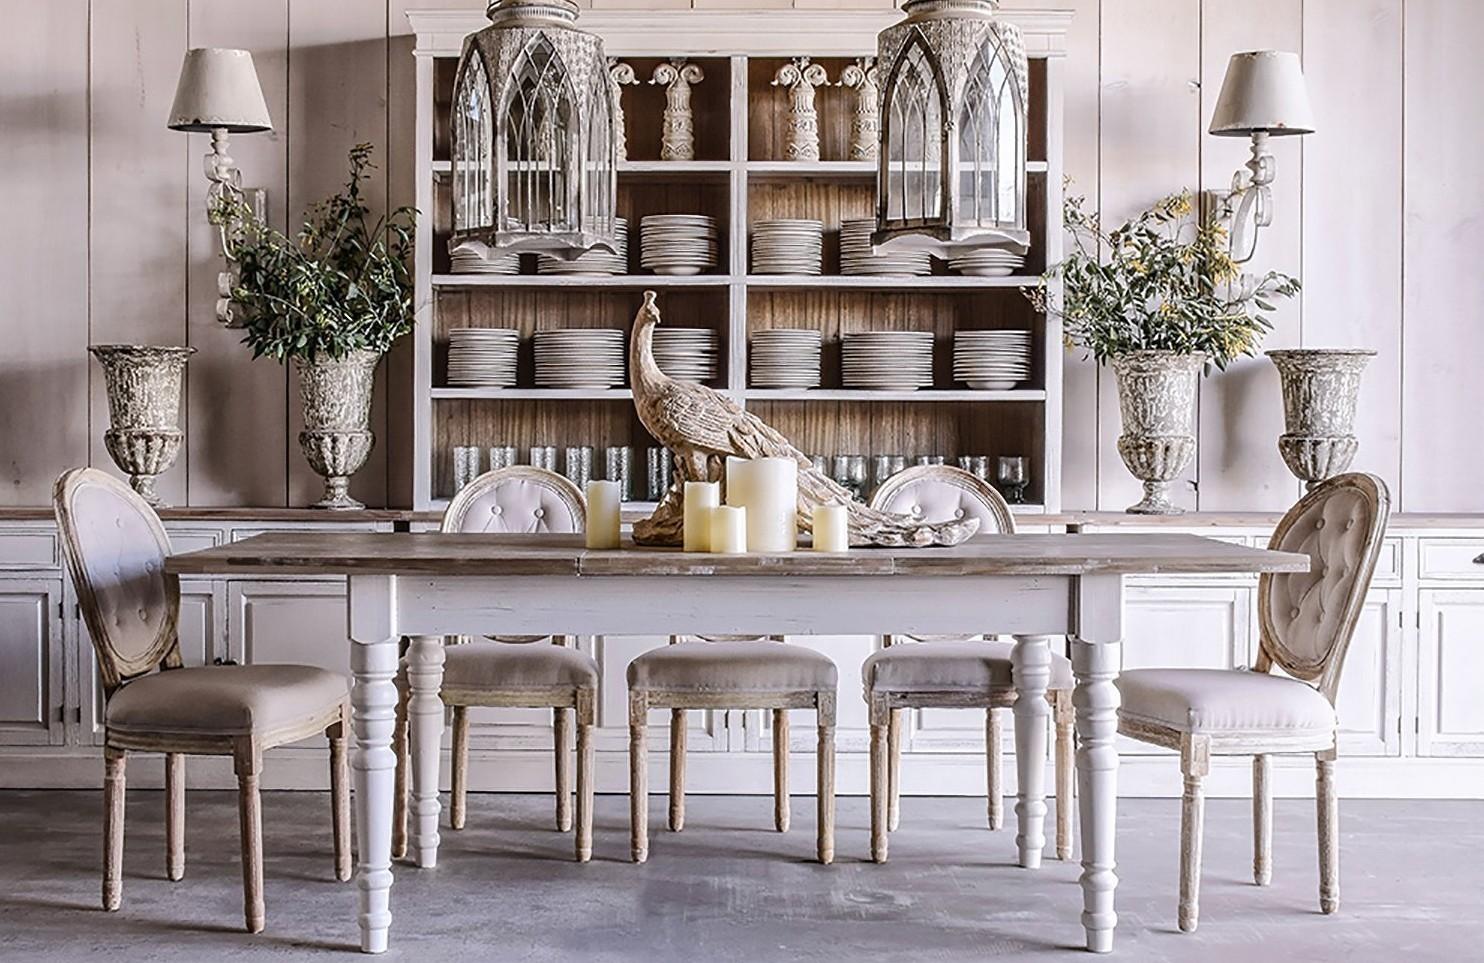 Consolle shabby chic bianca legno di pino mobili provenzali for Consolle shabby chic